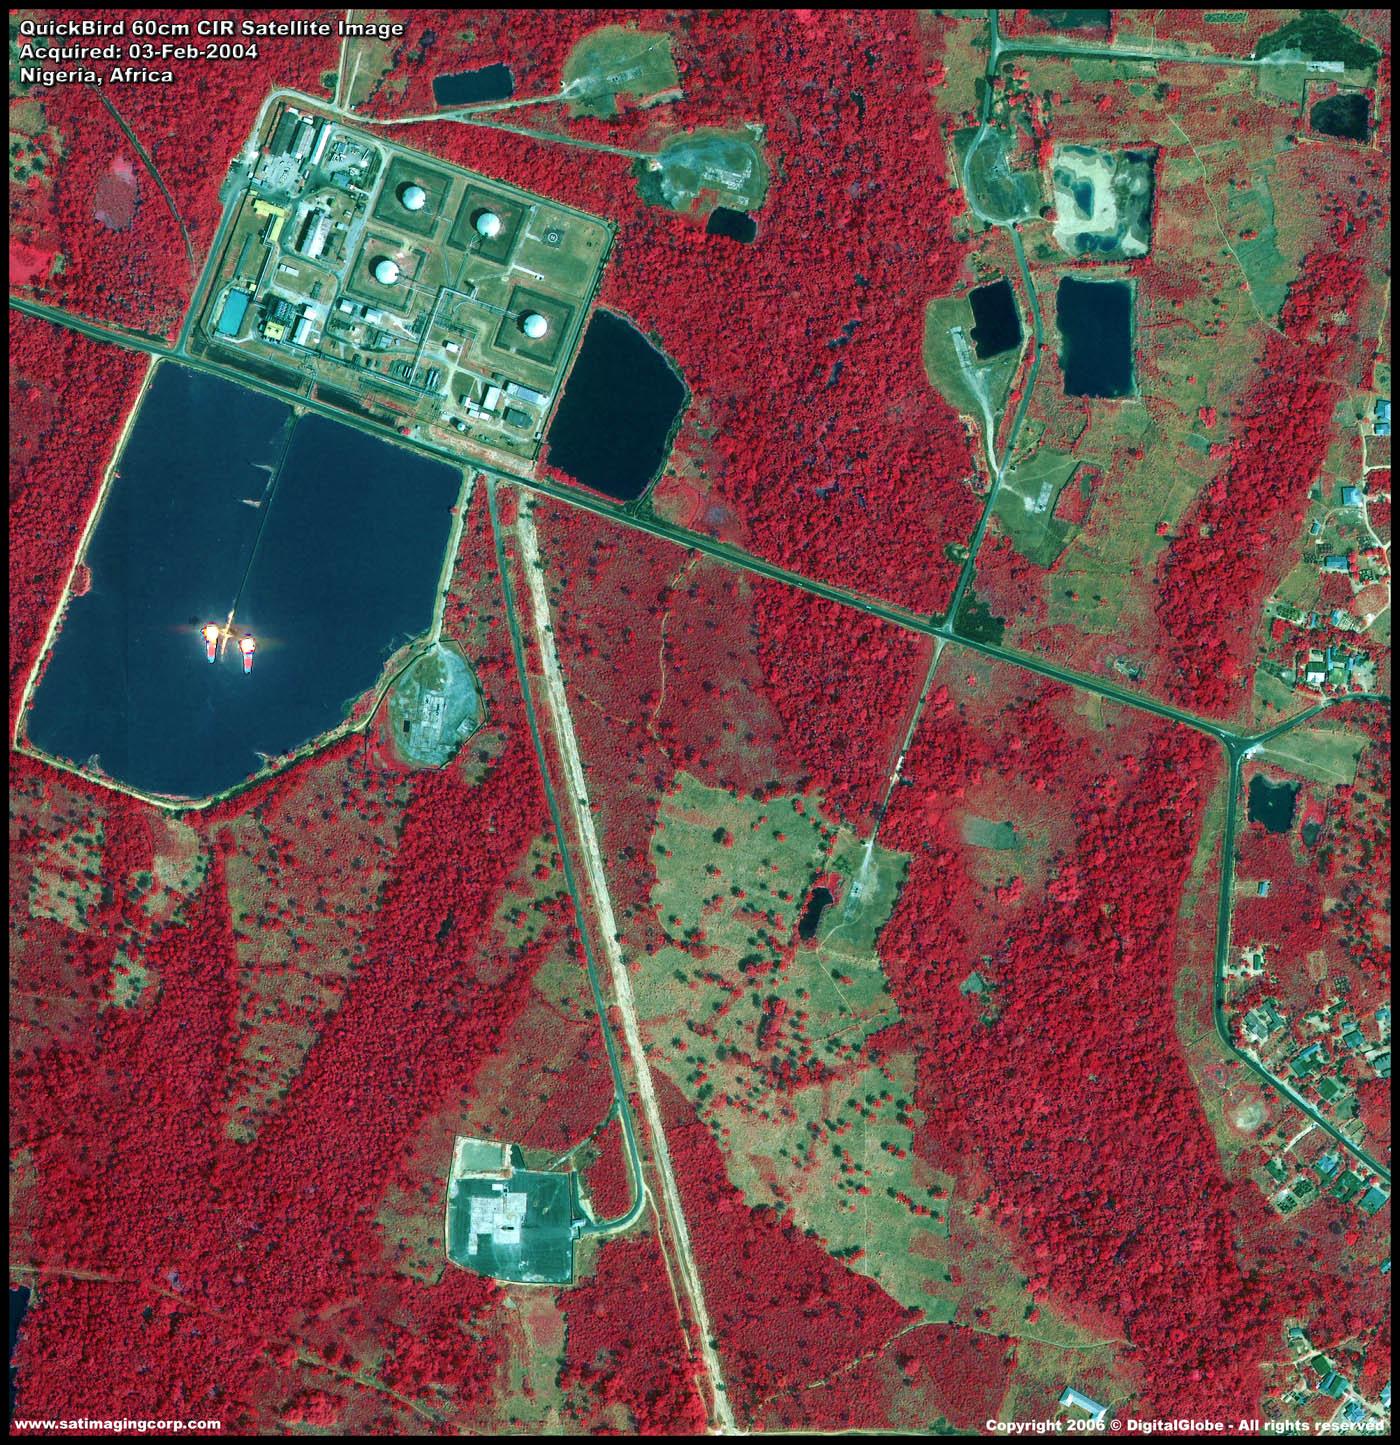 Quickbird Near Infrared Satellite Image Nigeria